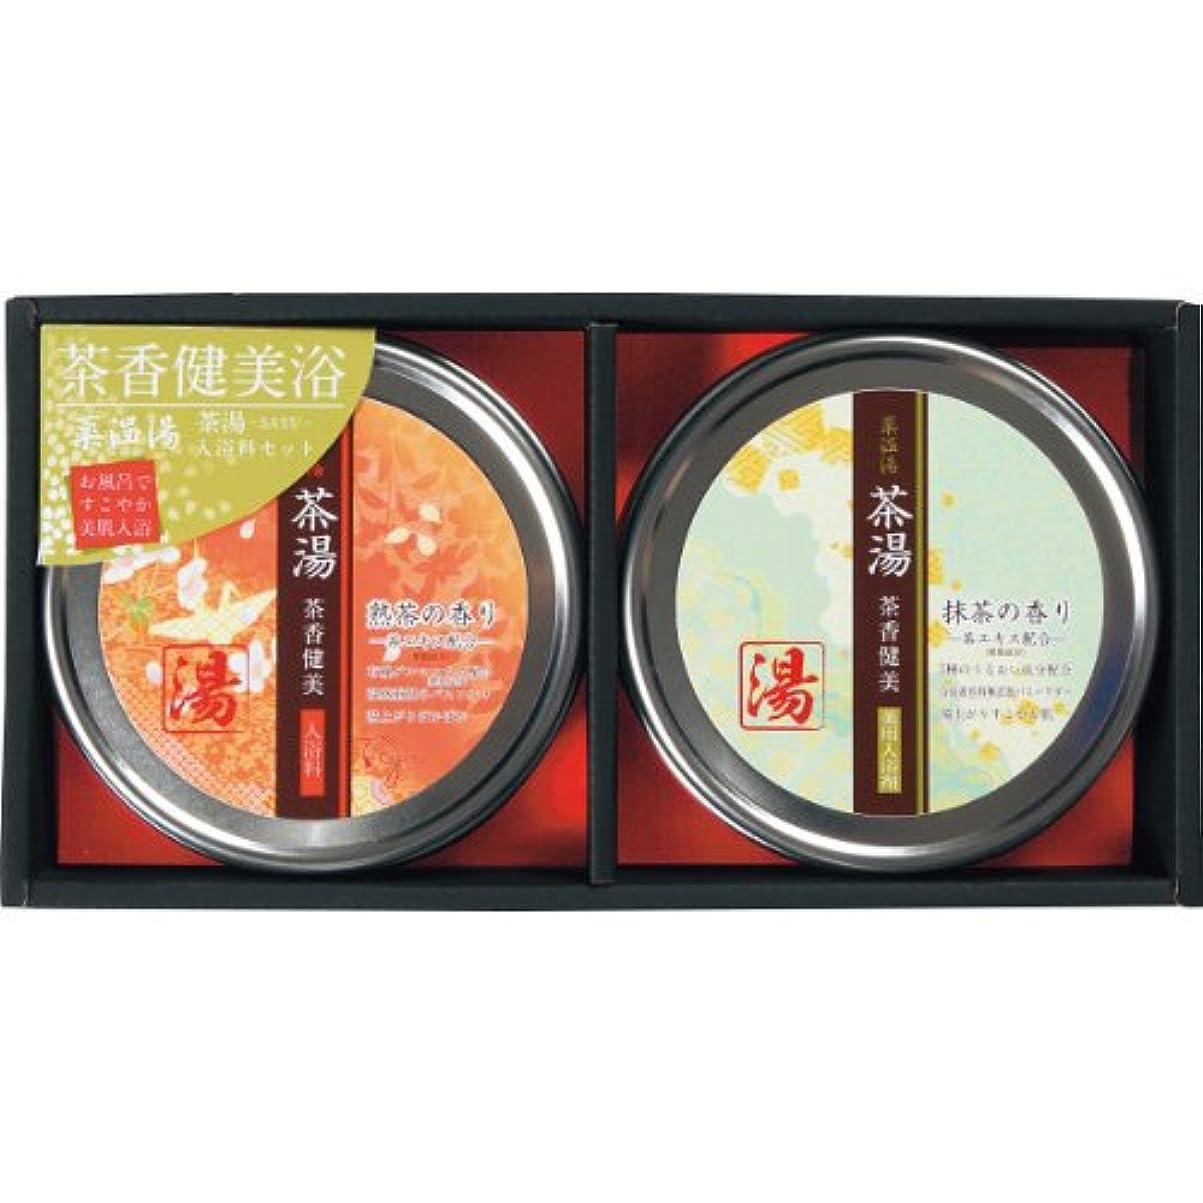 半導体優雅な絶望敬老の日 贈り物 薬温湯 茶湯ギフトセット(SD)